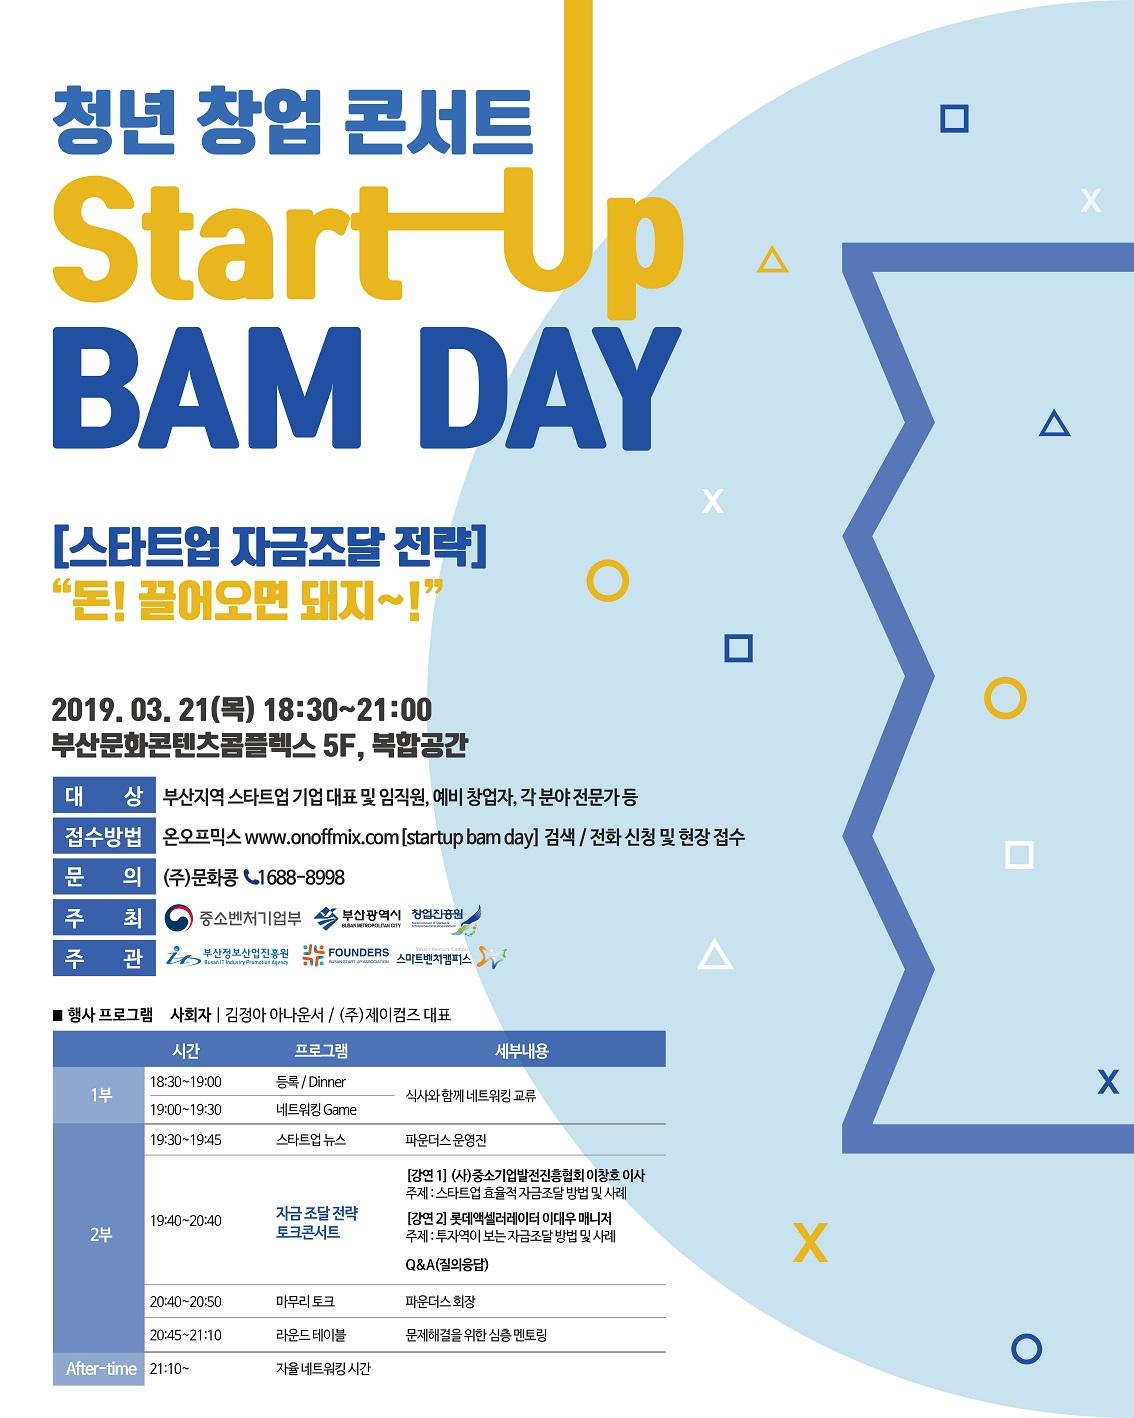 청년 창업 콘서트 제3회 Startup Bam Day 개최